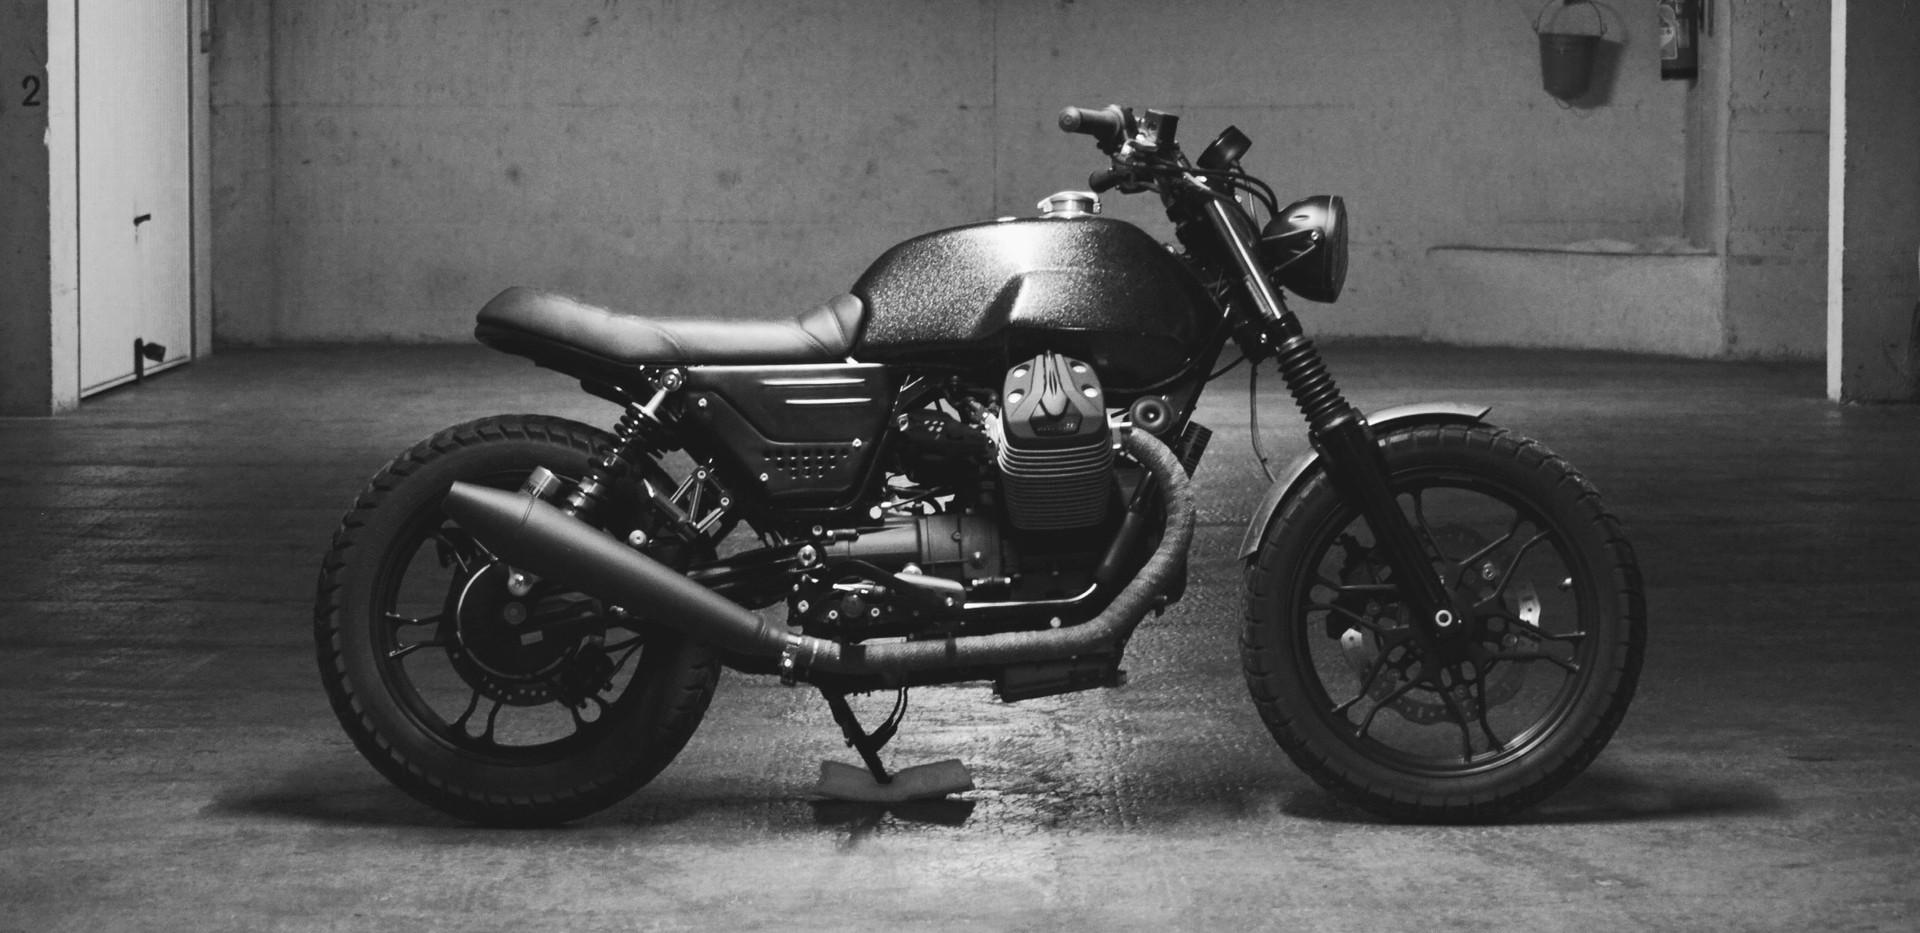 30-1-guzzi v7 scrambler duke motorcycles